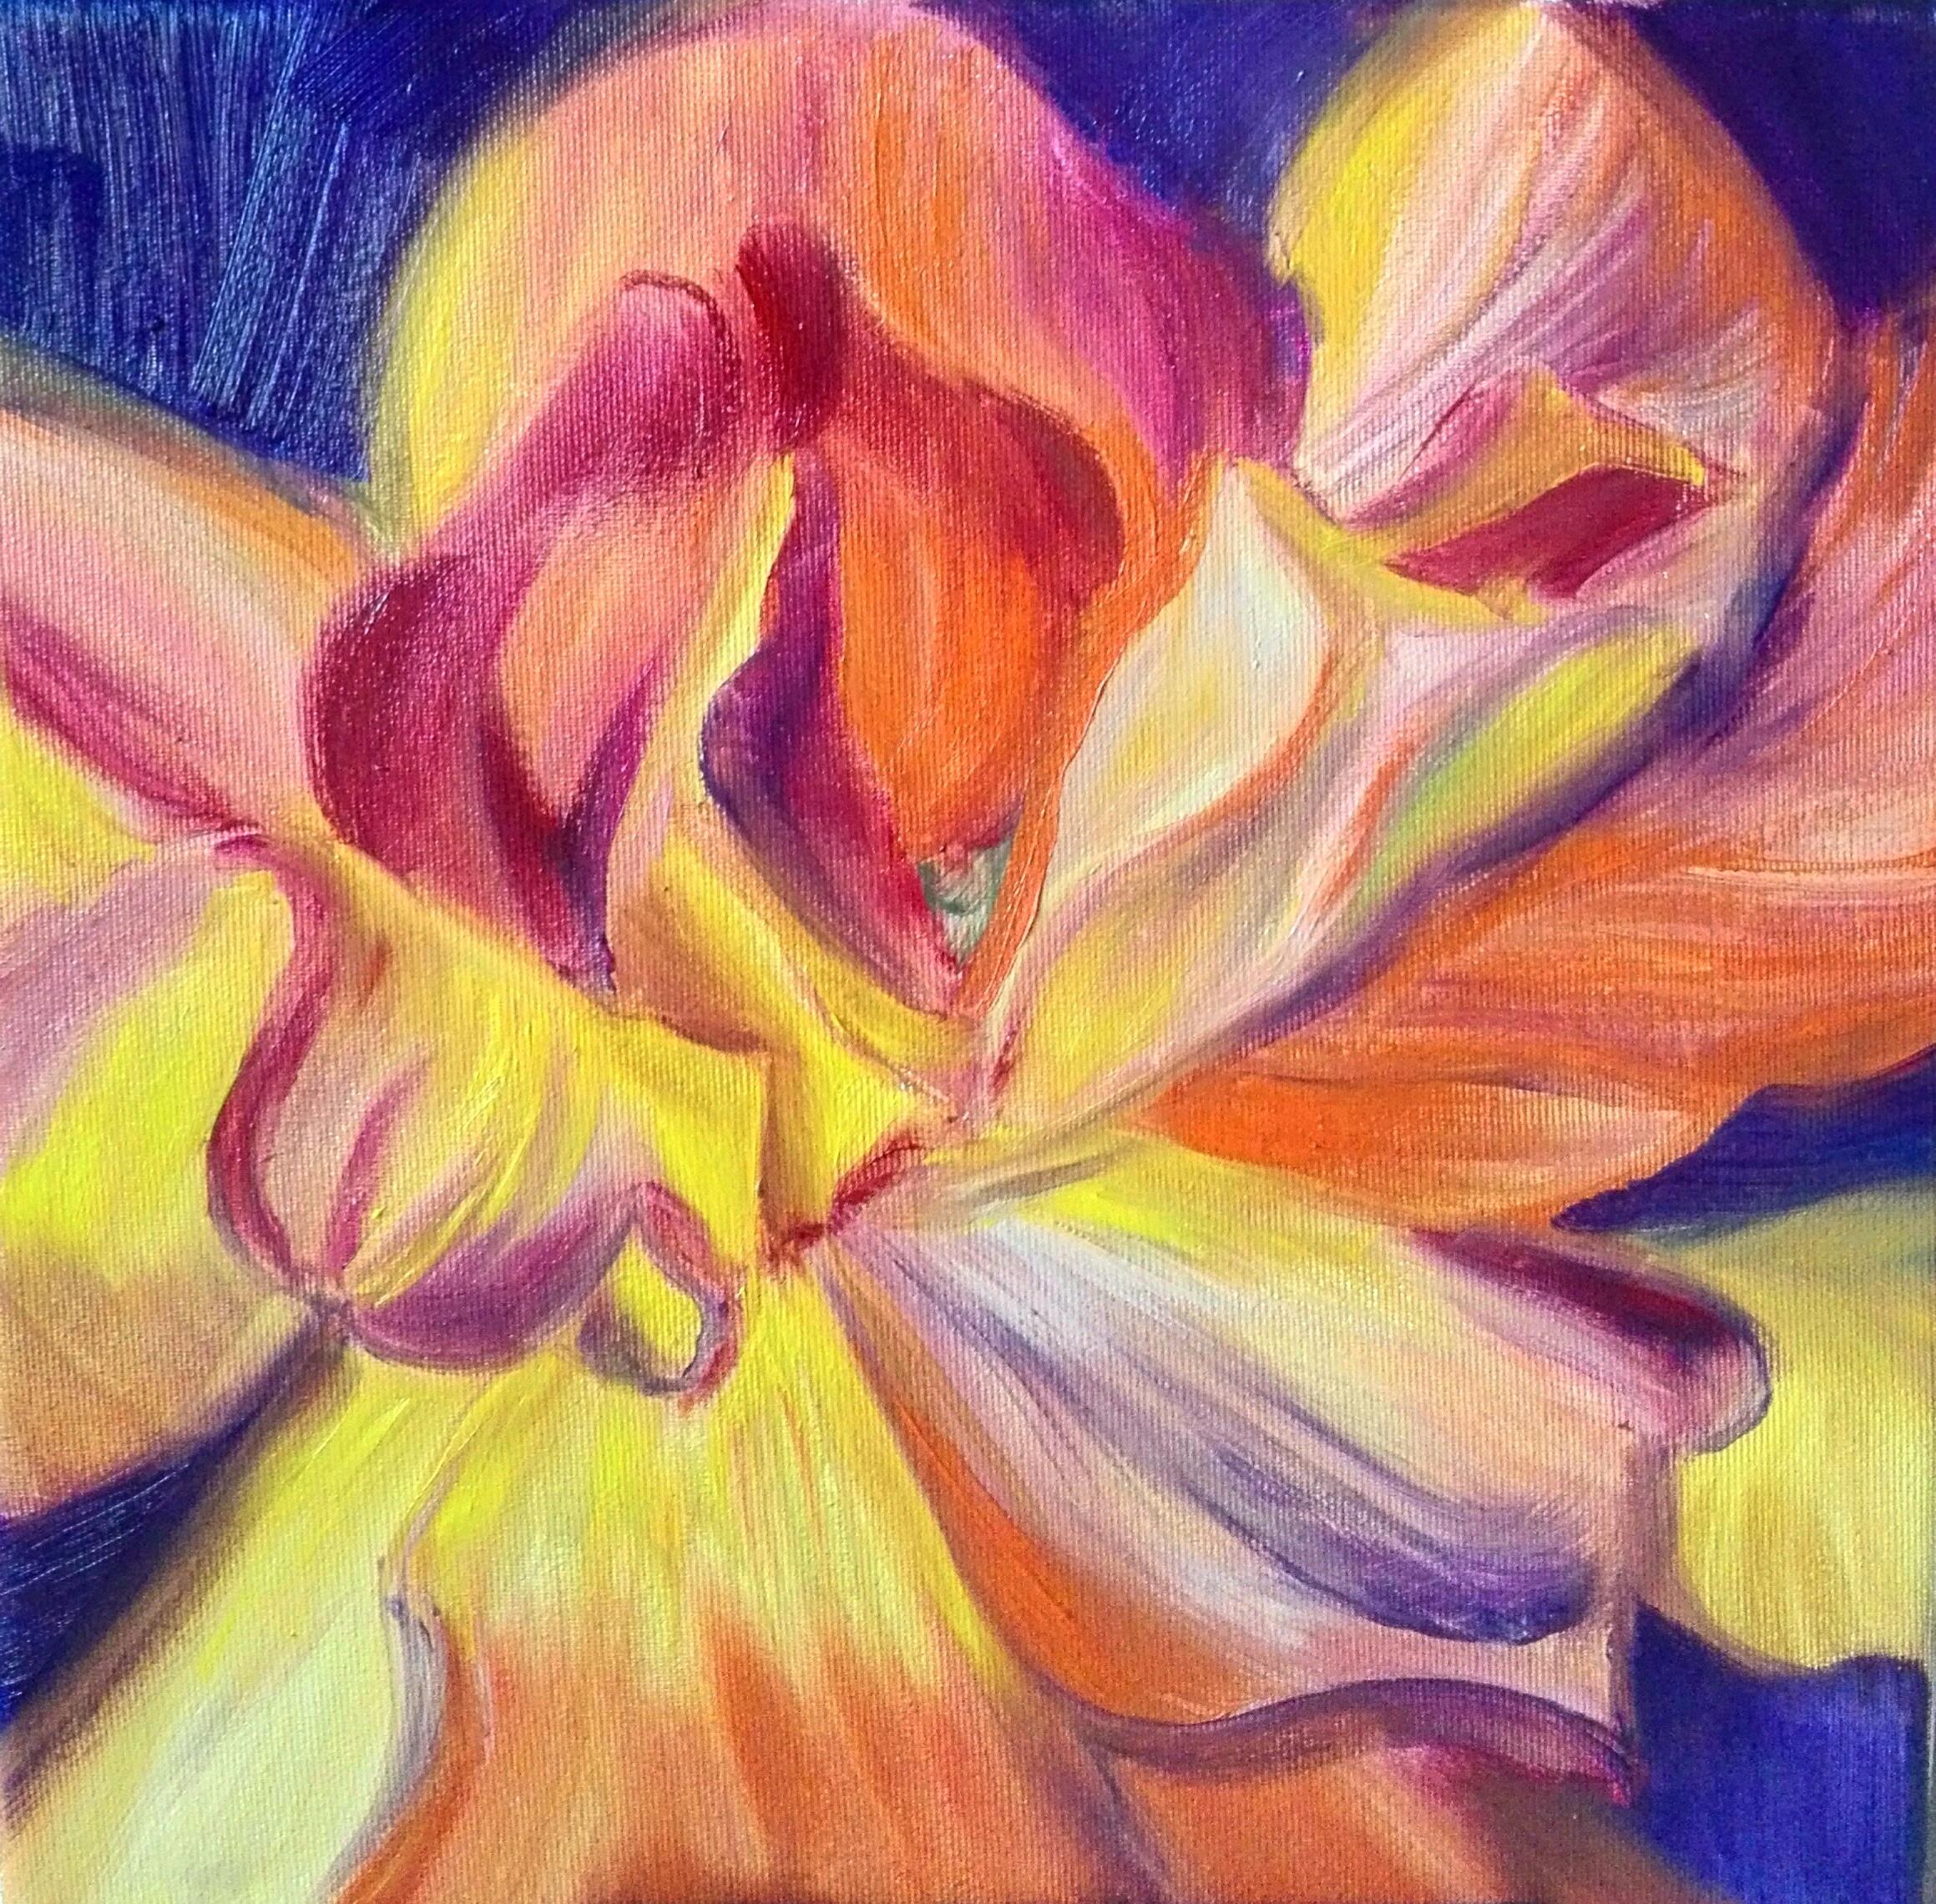 Flower III, 2020